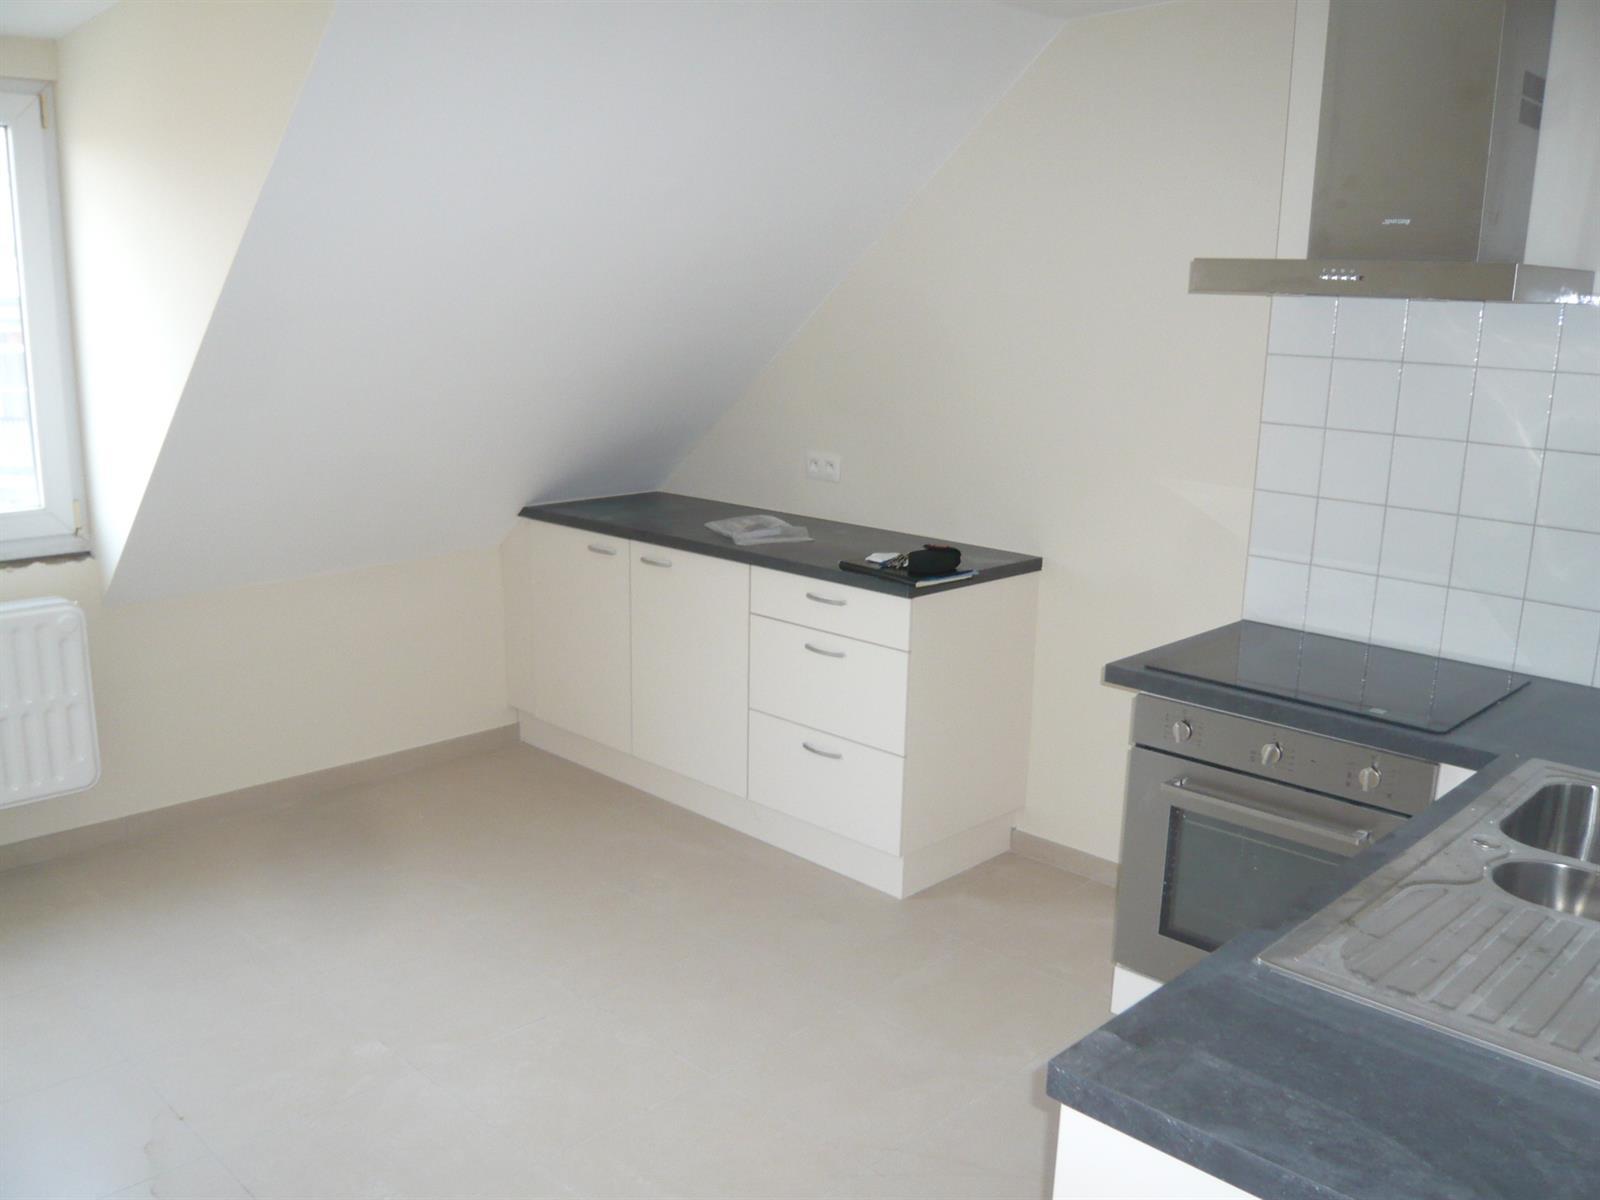 Flat - Woluwe-Saint-Lambert - #4286376-14